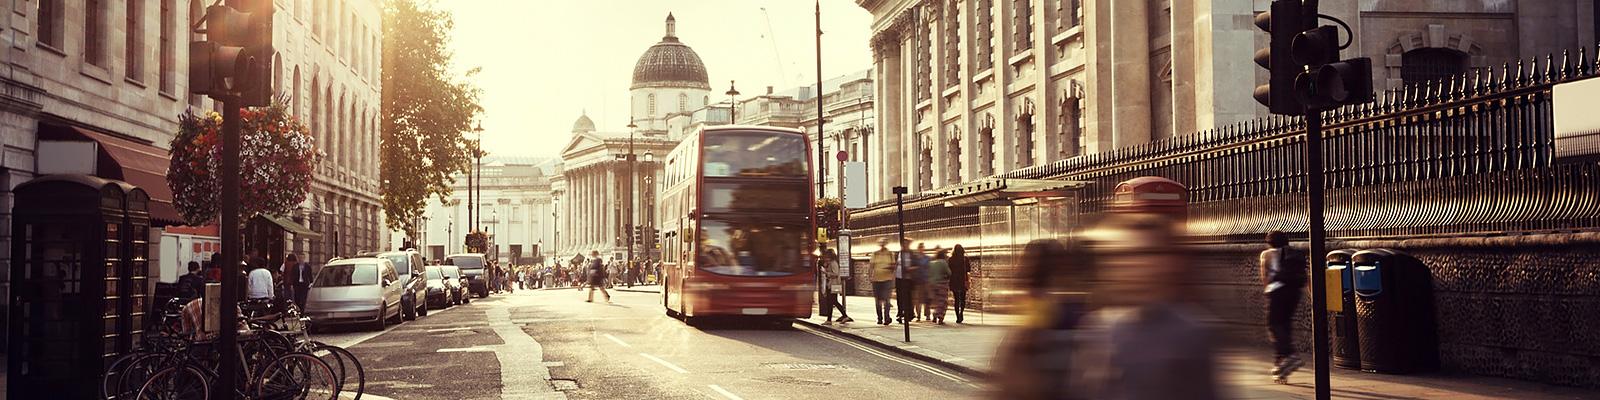 ロンドン 自動車 イメージ